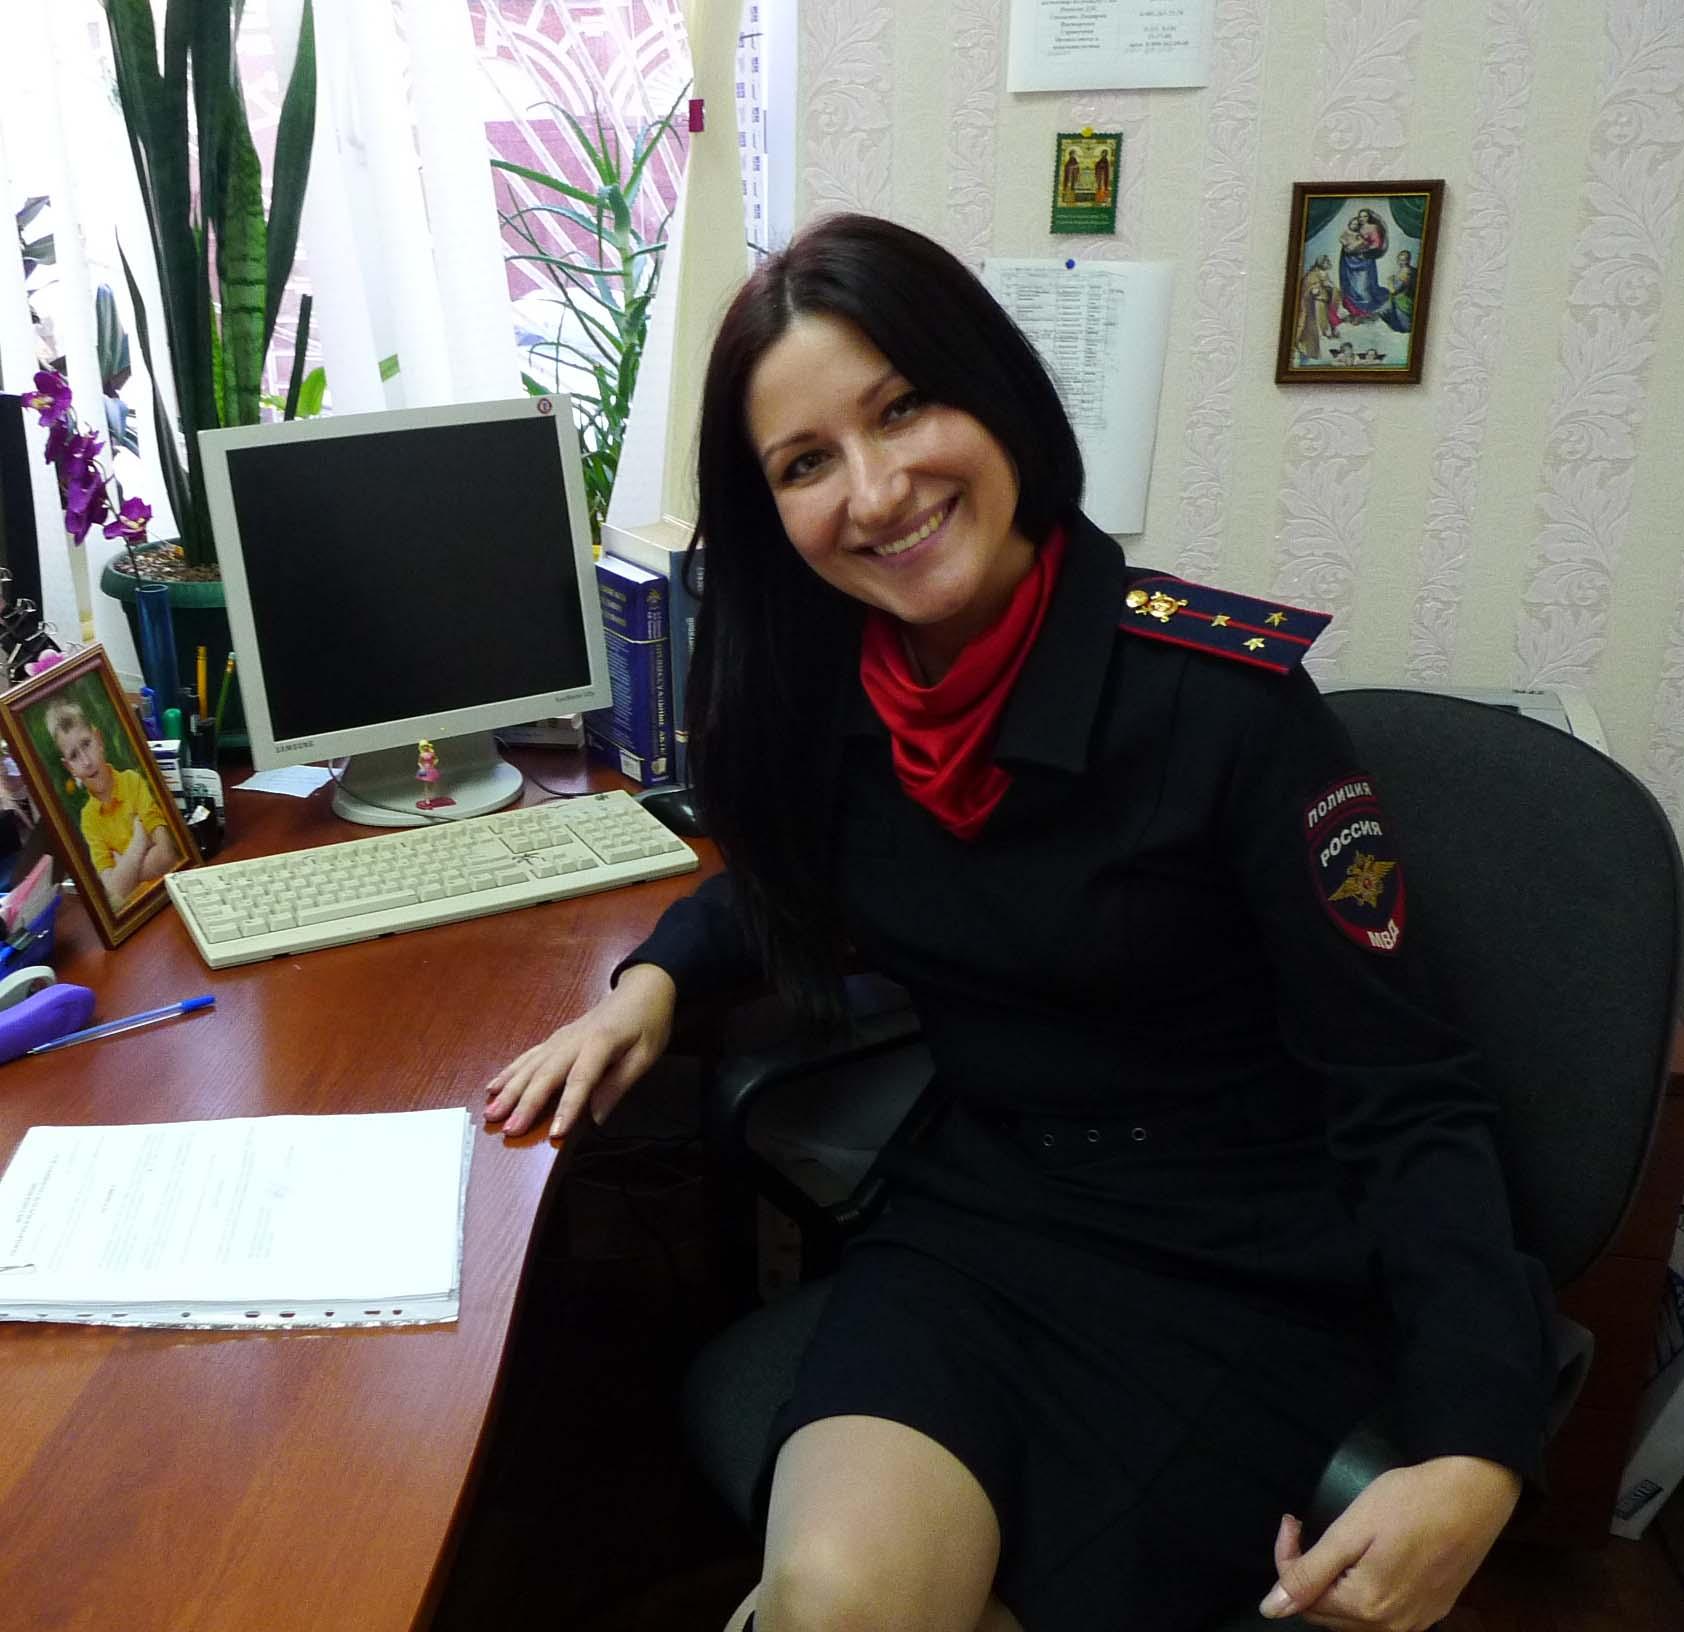 Дознаватель работа для девушек ночная работа для девушки омска